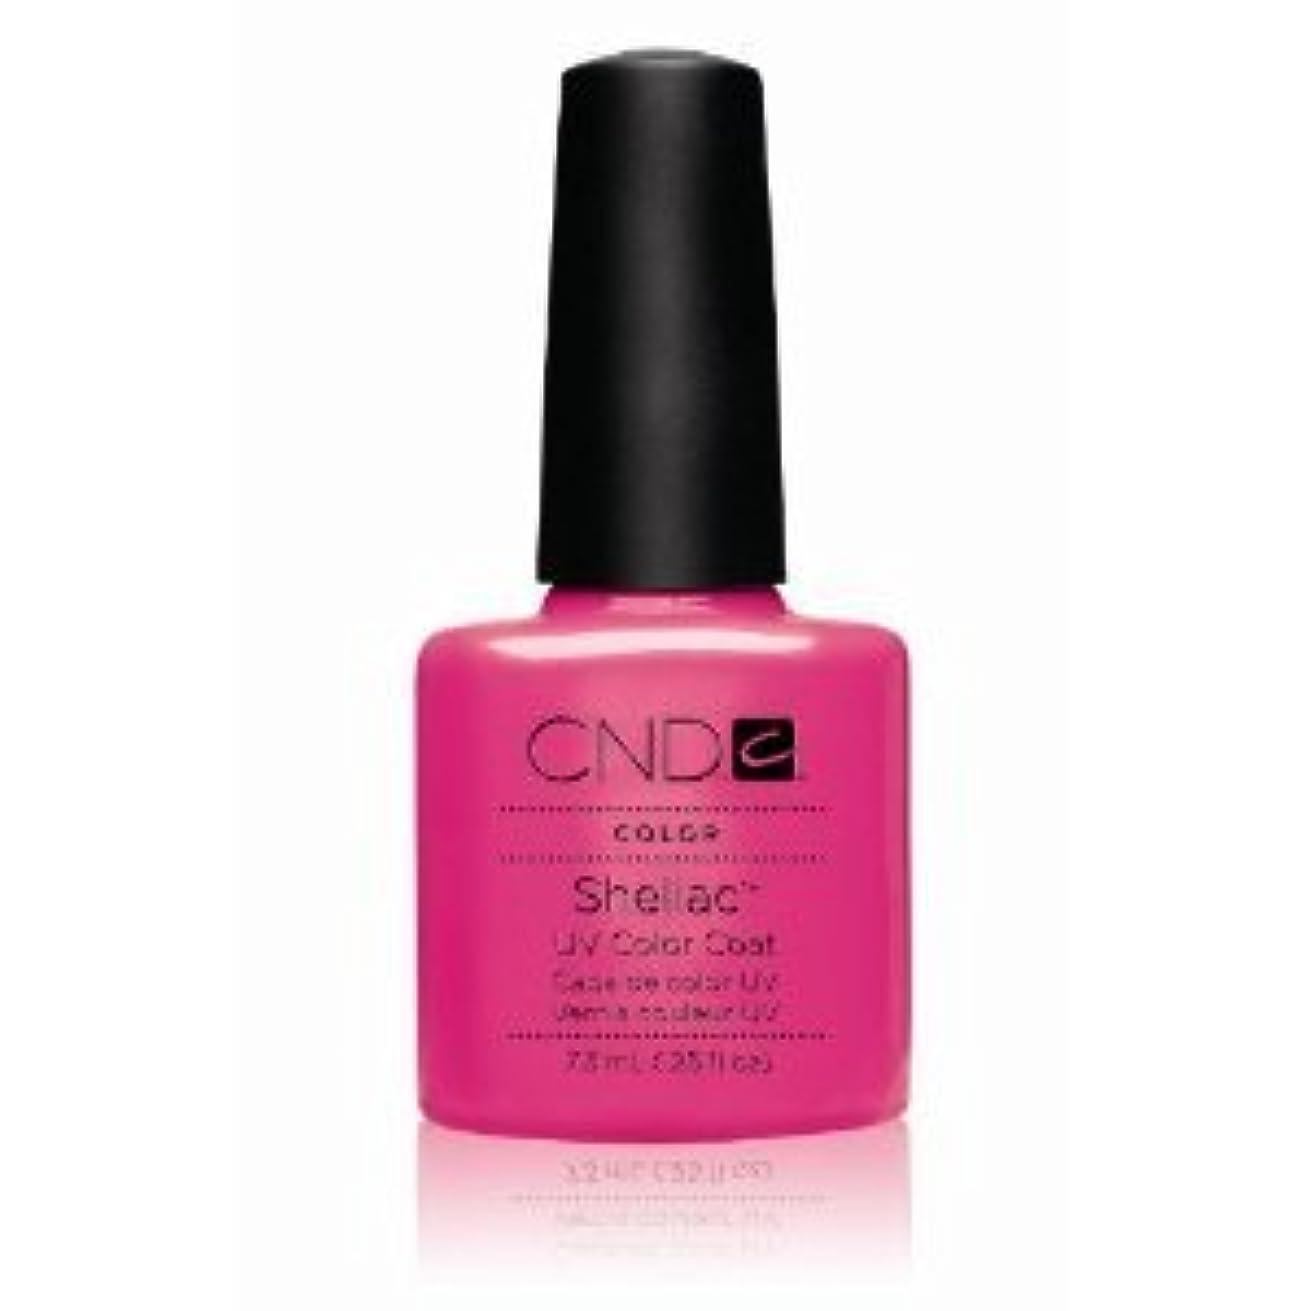 デコラティブ潮変形CND(シーエヌディー) シェラック UVカラーコート7.3mL 519 Hot Pop Pink(マット) [並行輸入][海外直送品]